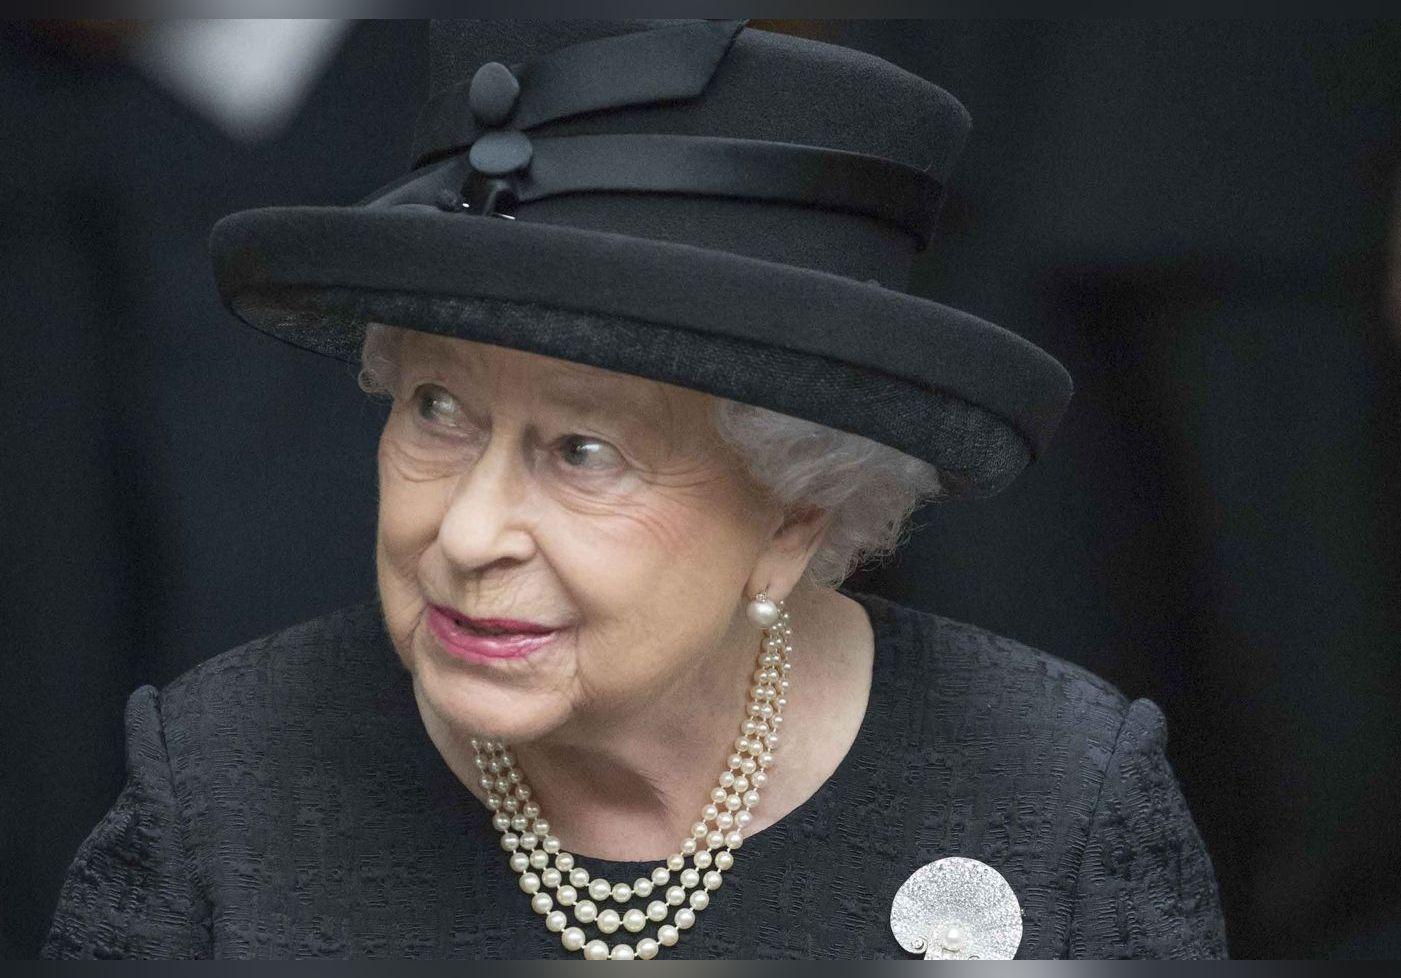 Pas d'uniformes militaires aux obsèques du prince Philip : stratège, Elizabeth II s'évite un scandale retentissant